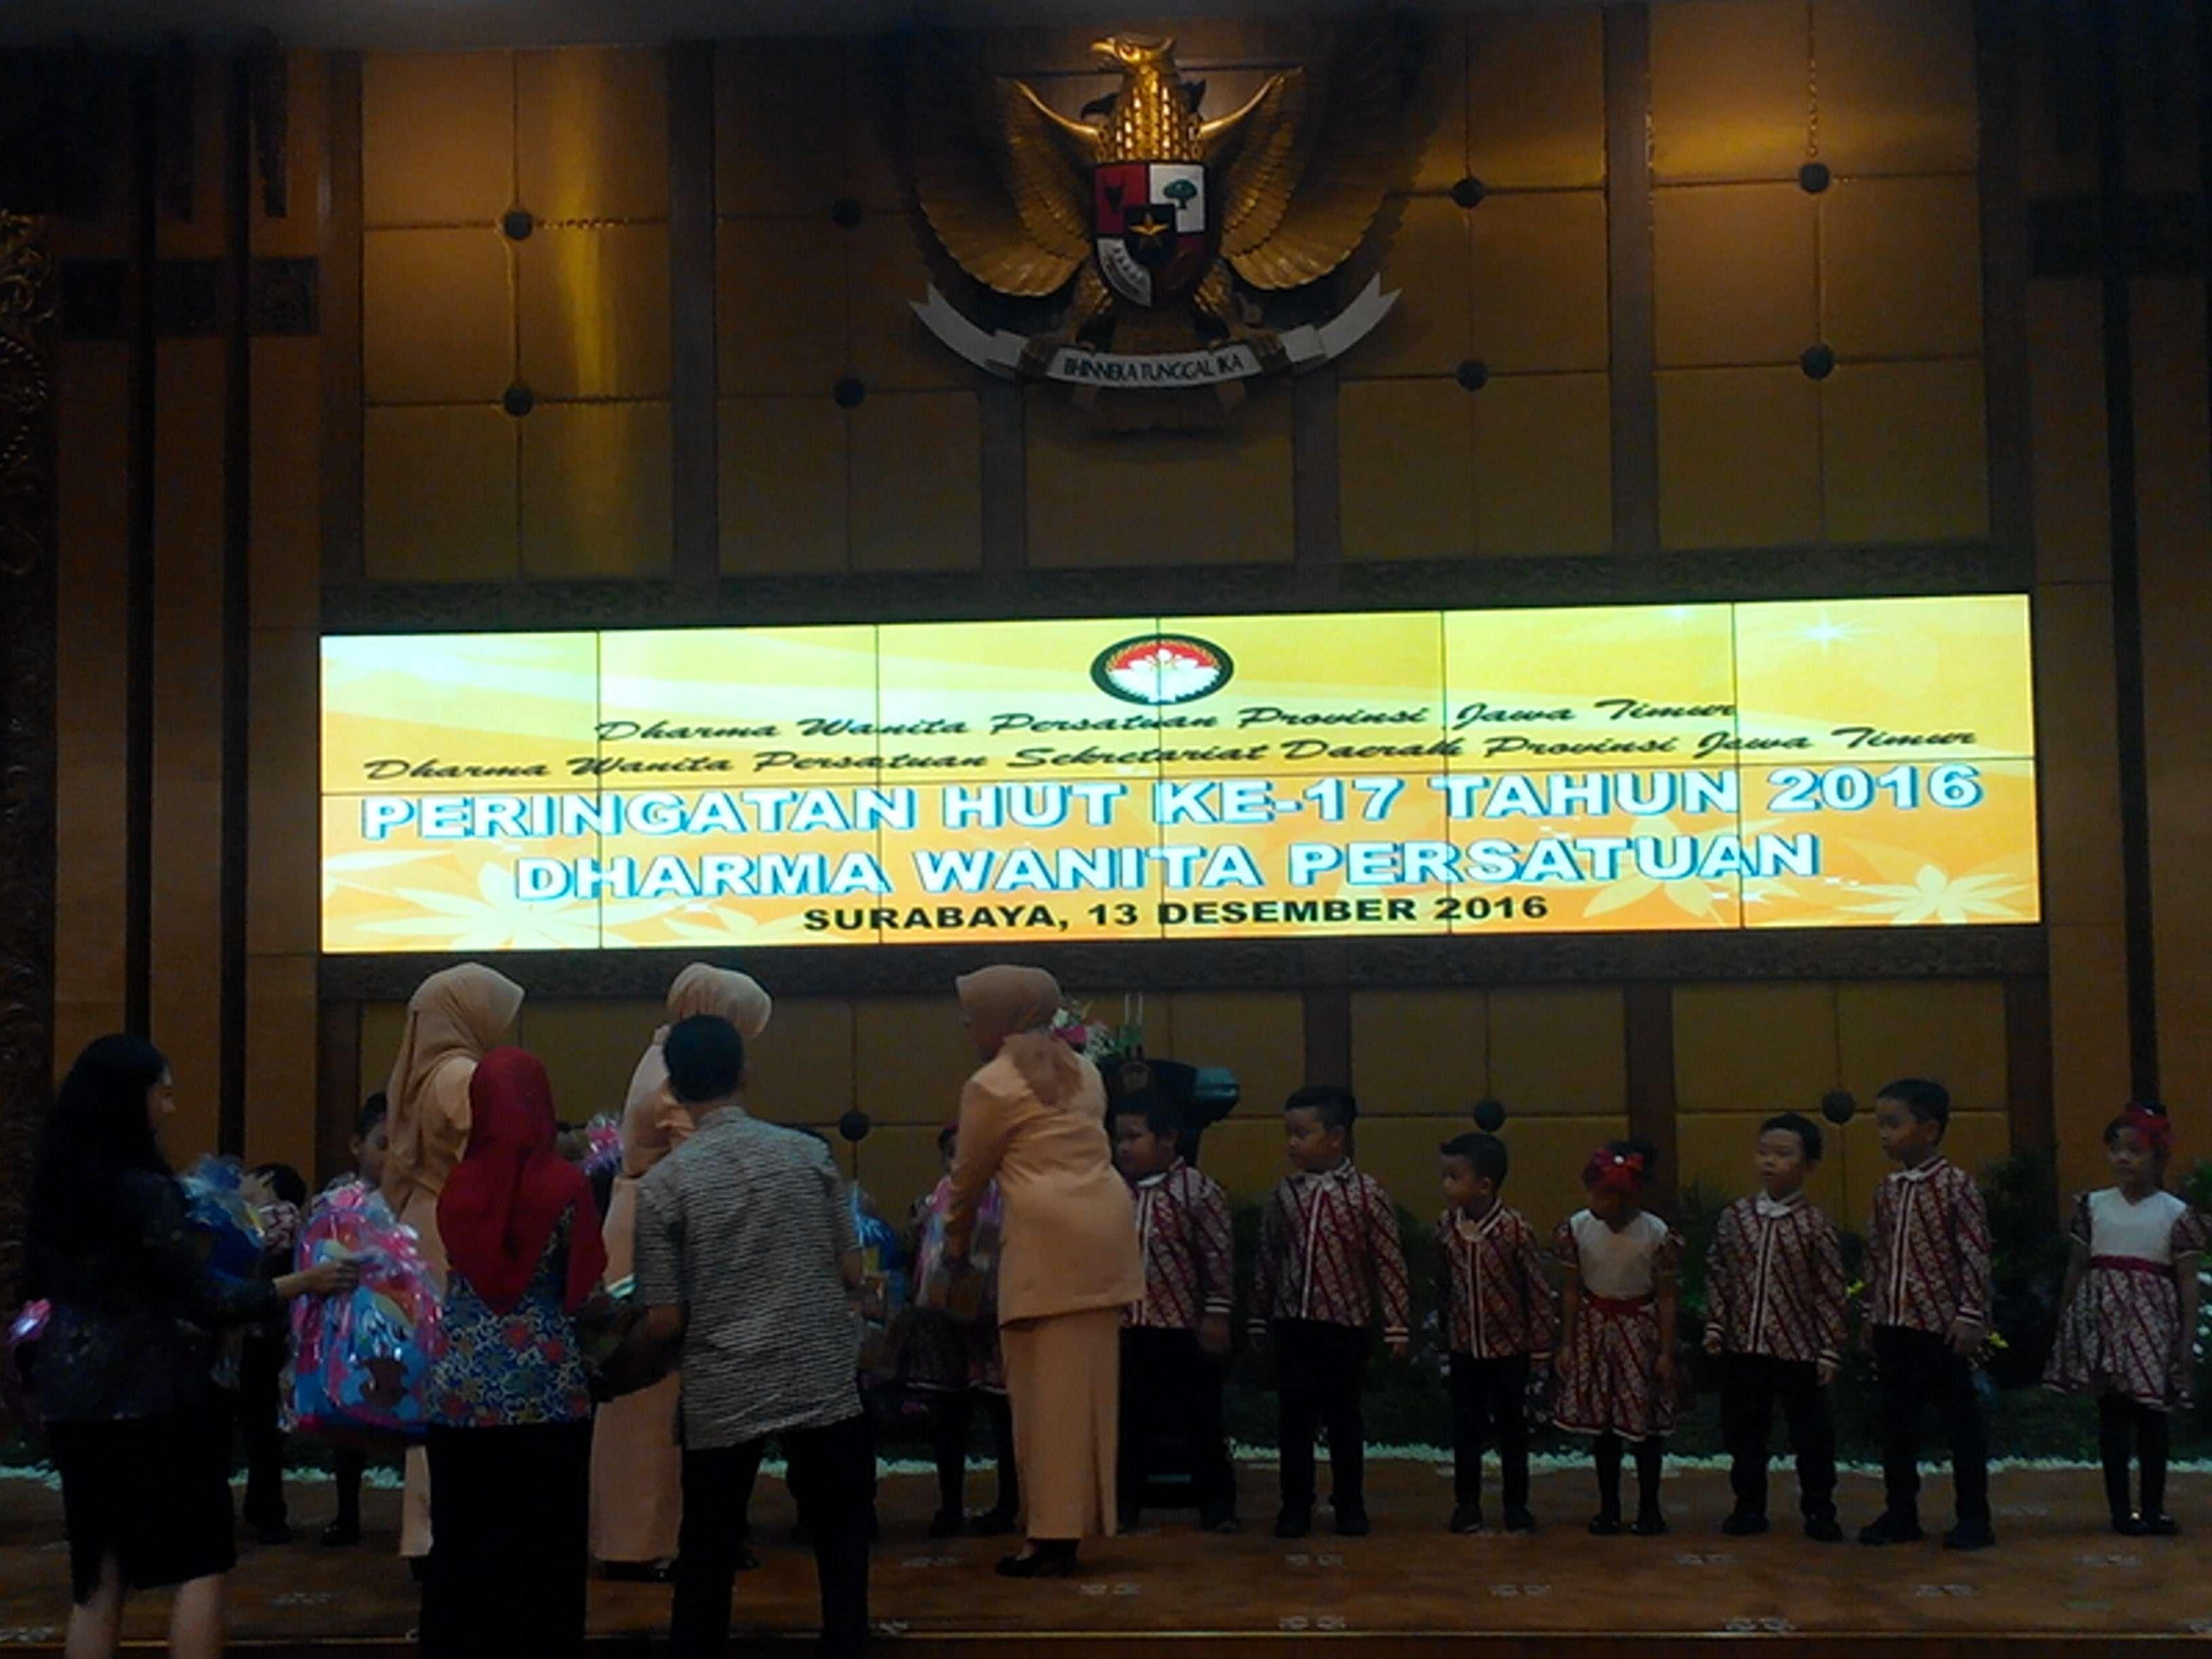 Ibu Hj. Nina Kirana Soekarwo menyerahkan bingkisan kepada siswa siswi TK Pertiwi Teladan